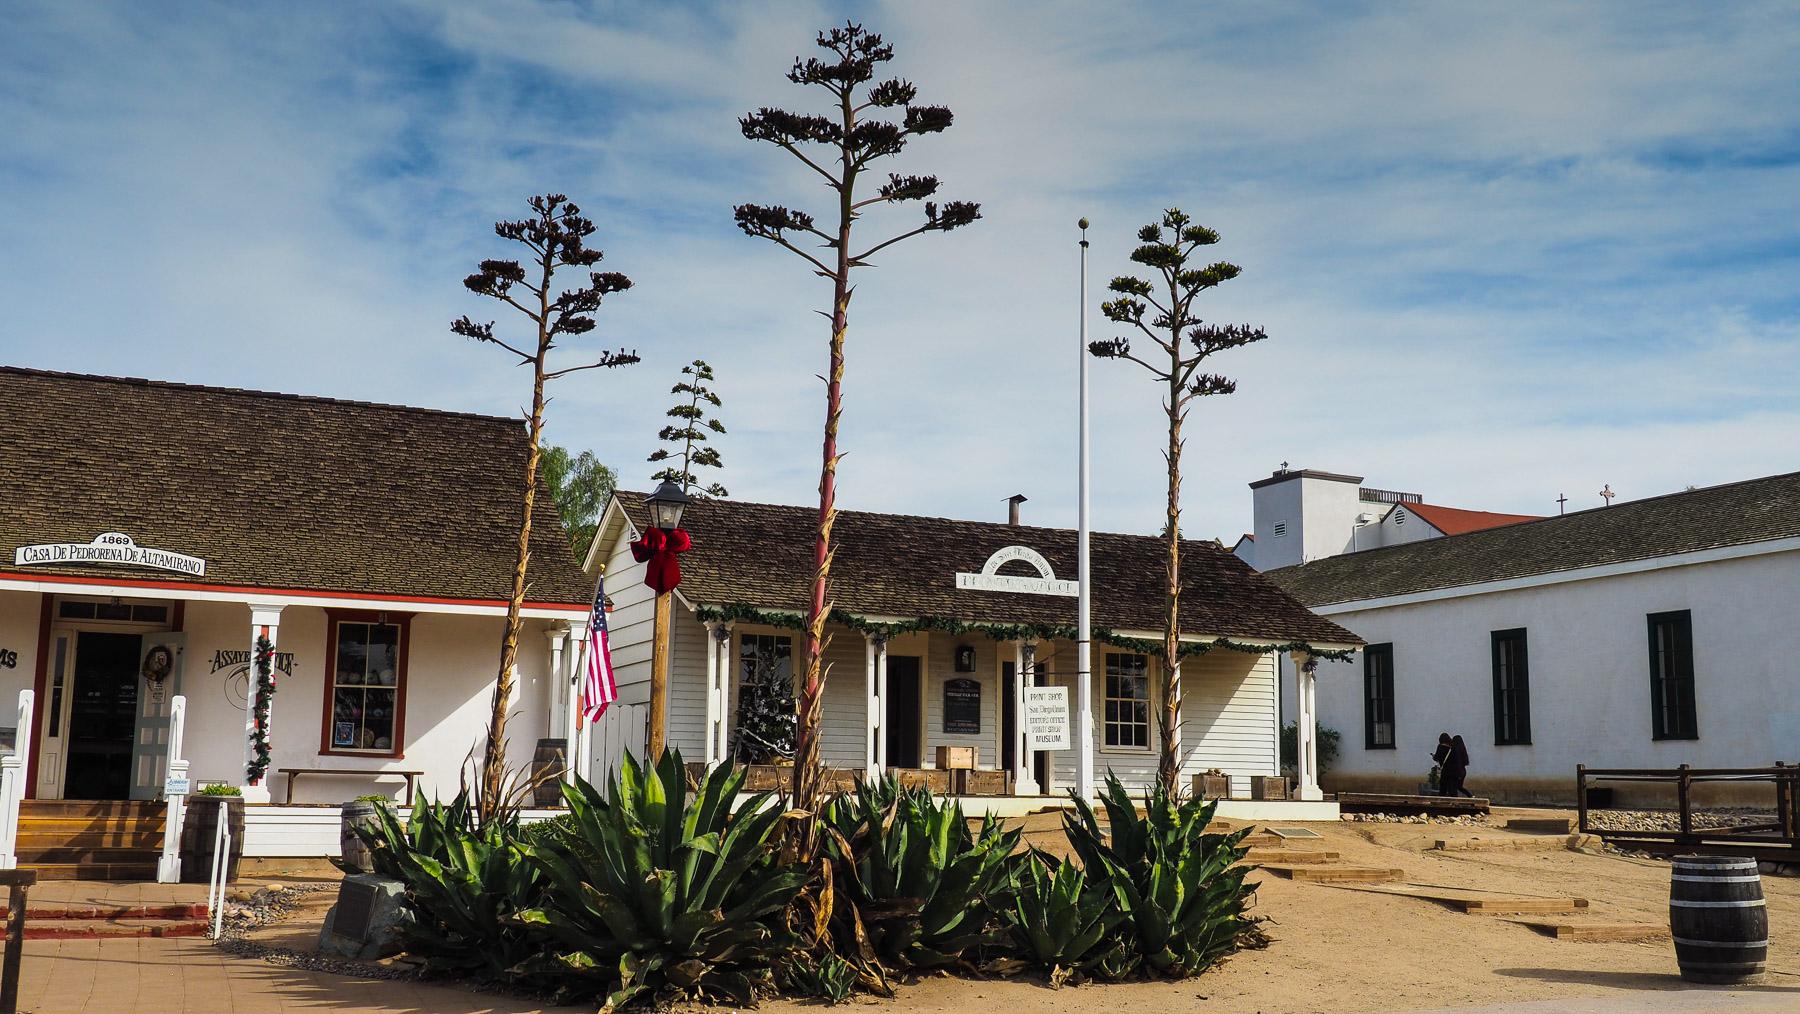 Old Town San Diego mit mexikanischem Flair